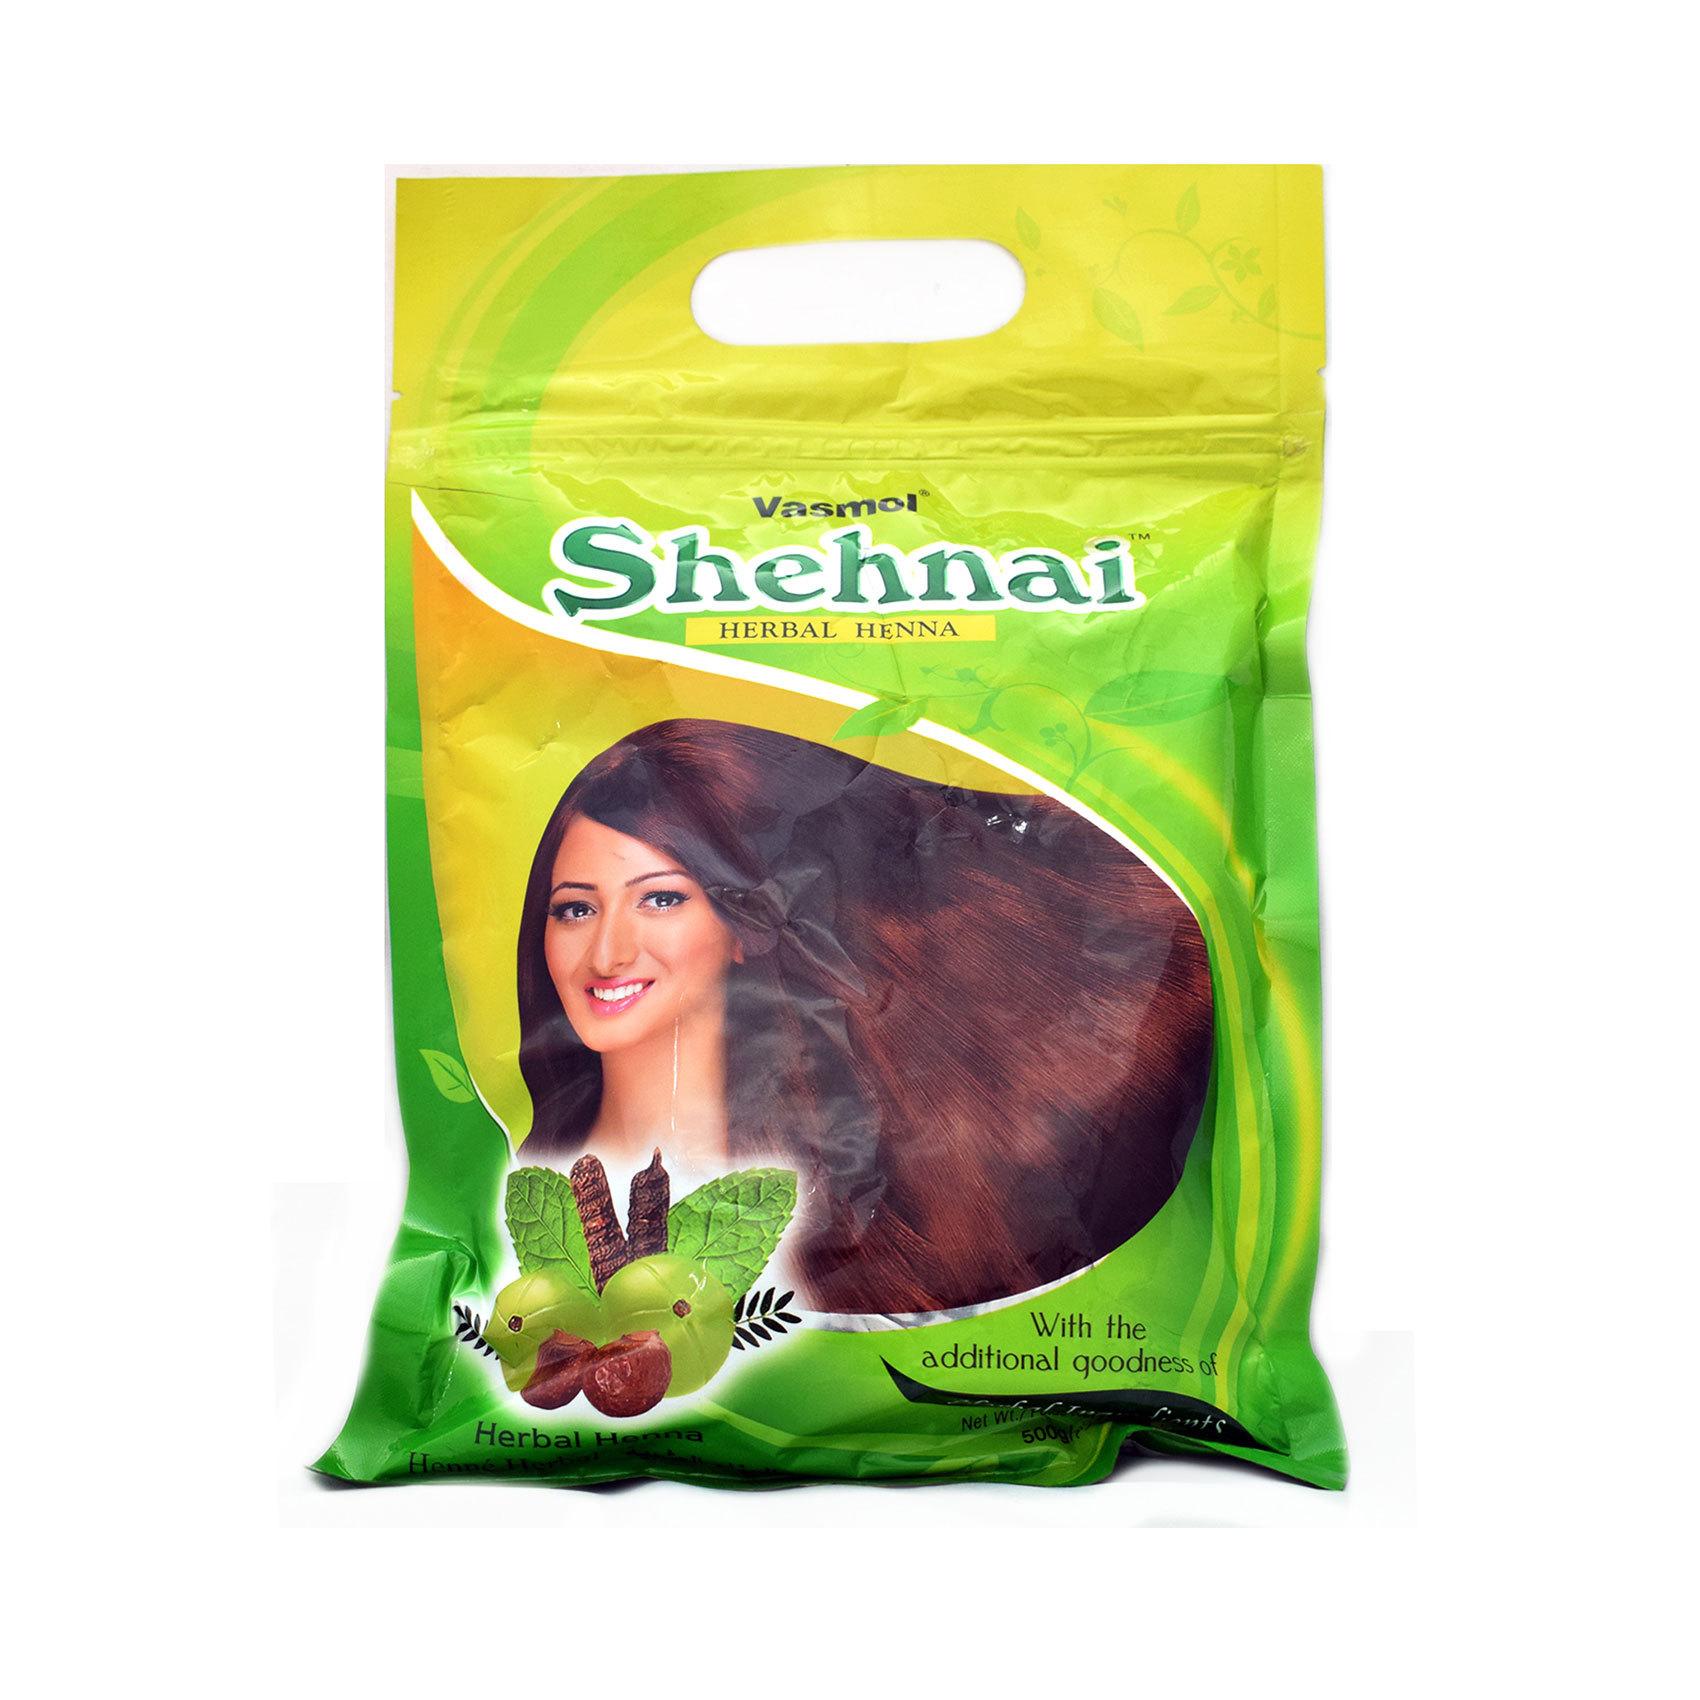 VASMOL SHEHNAI HENNA POWDER 500G